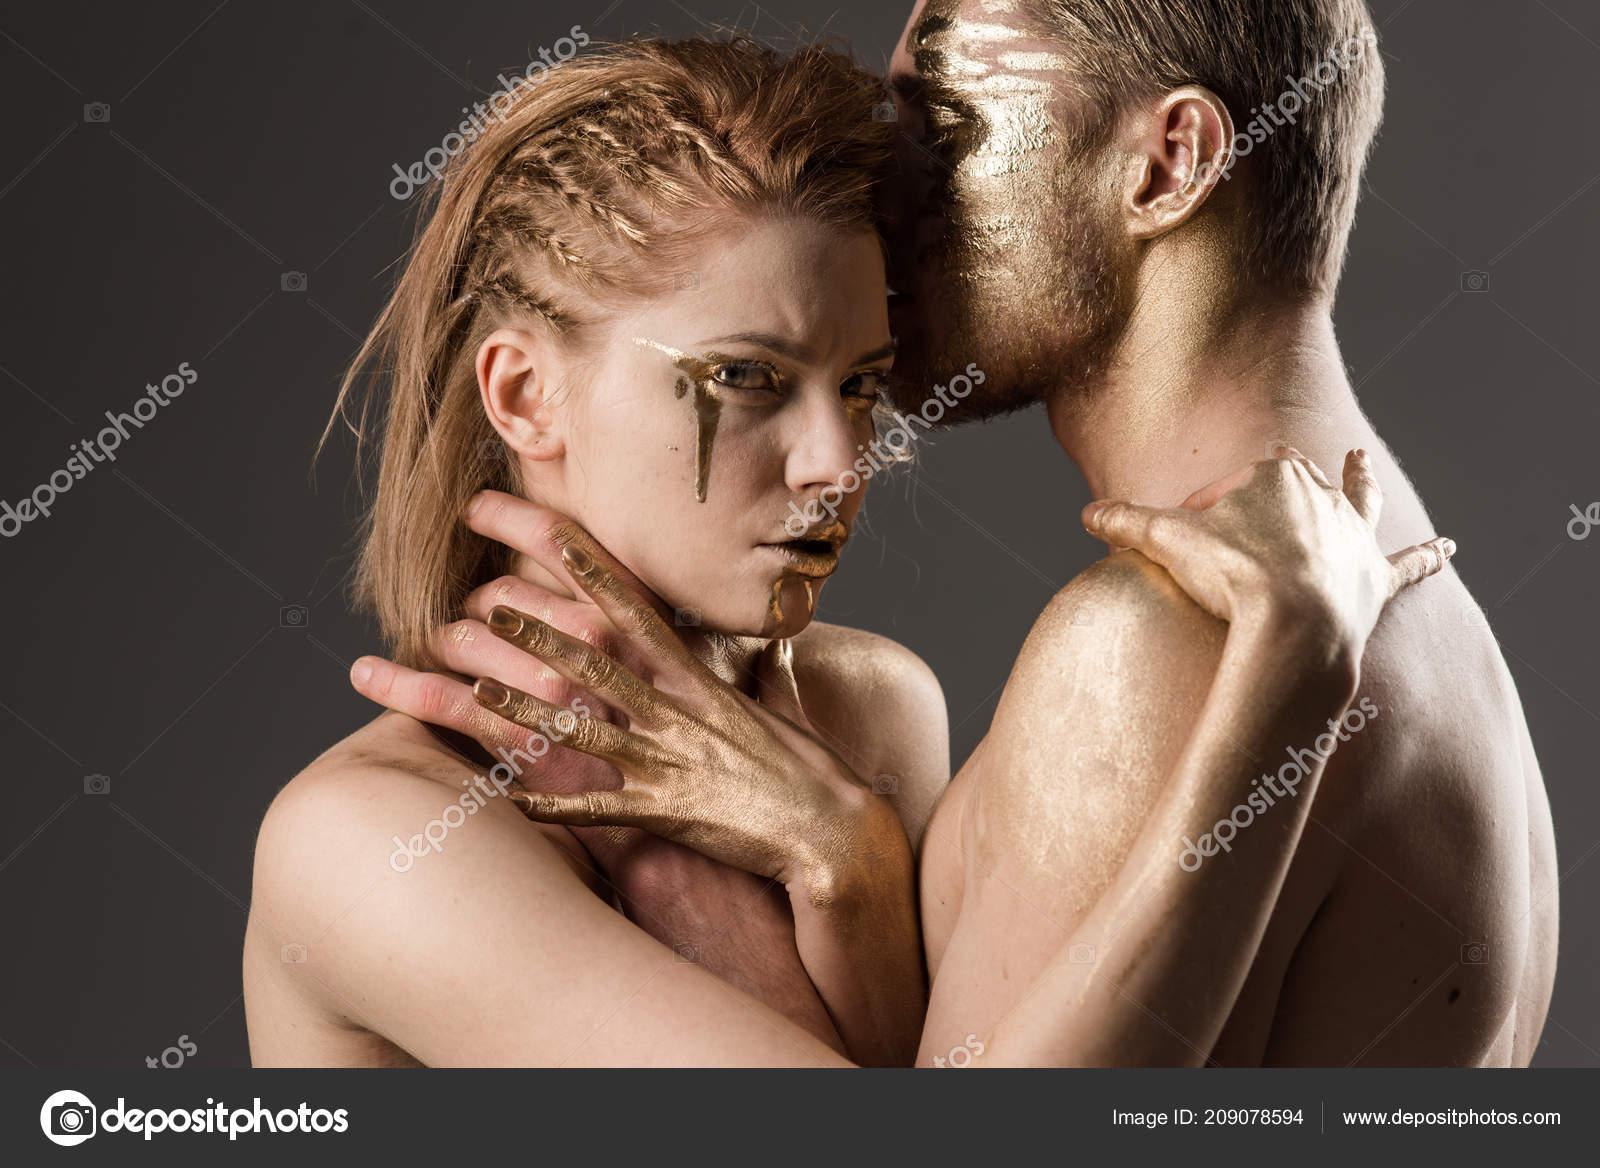 Удушение сексуально